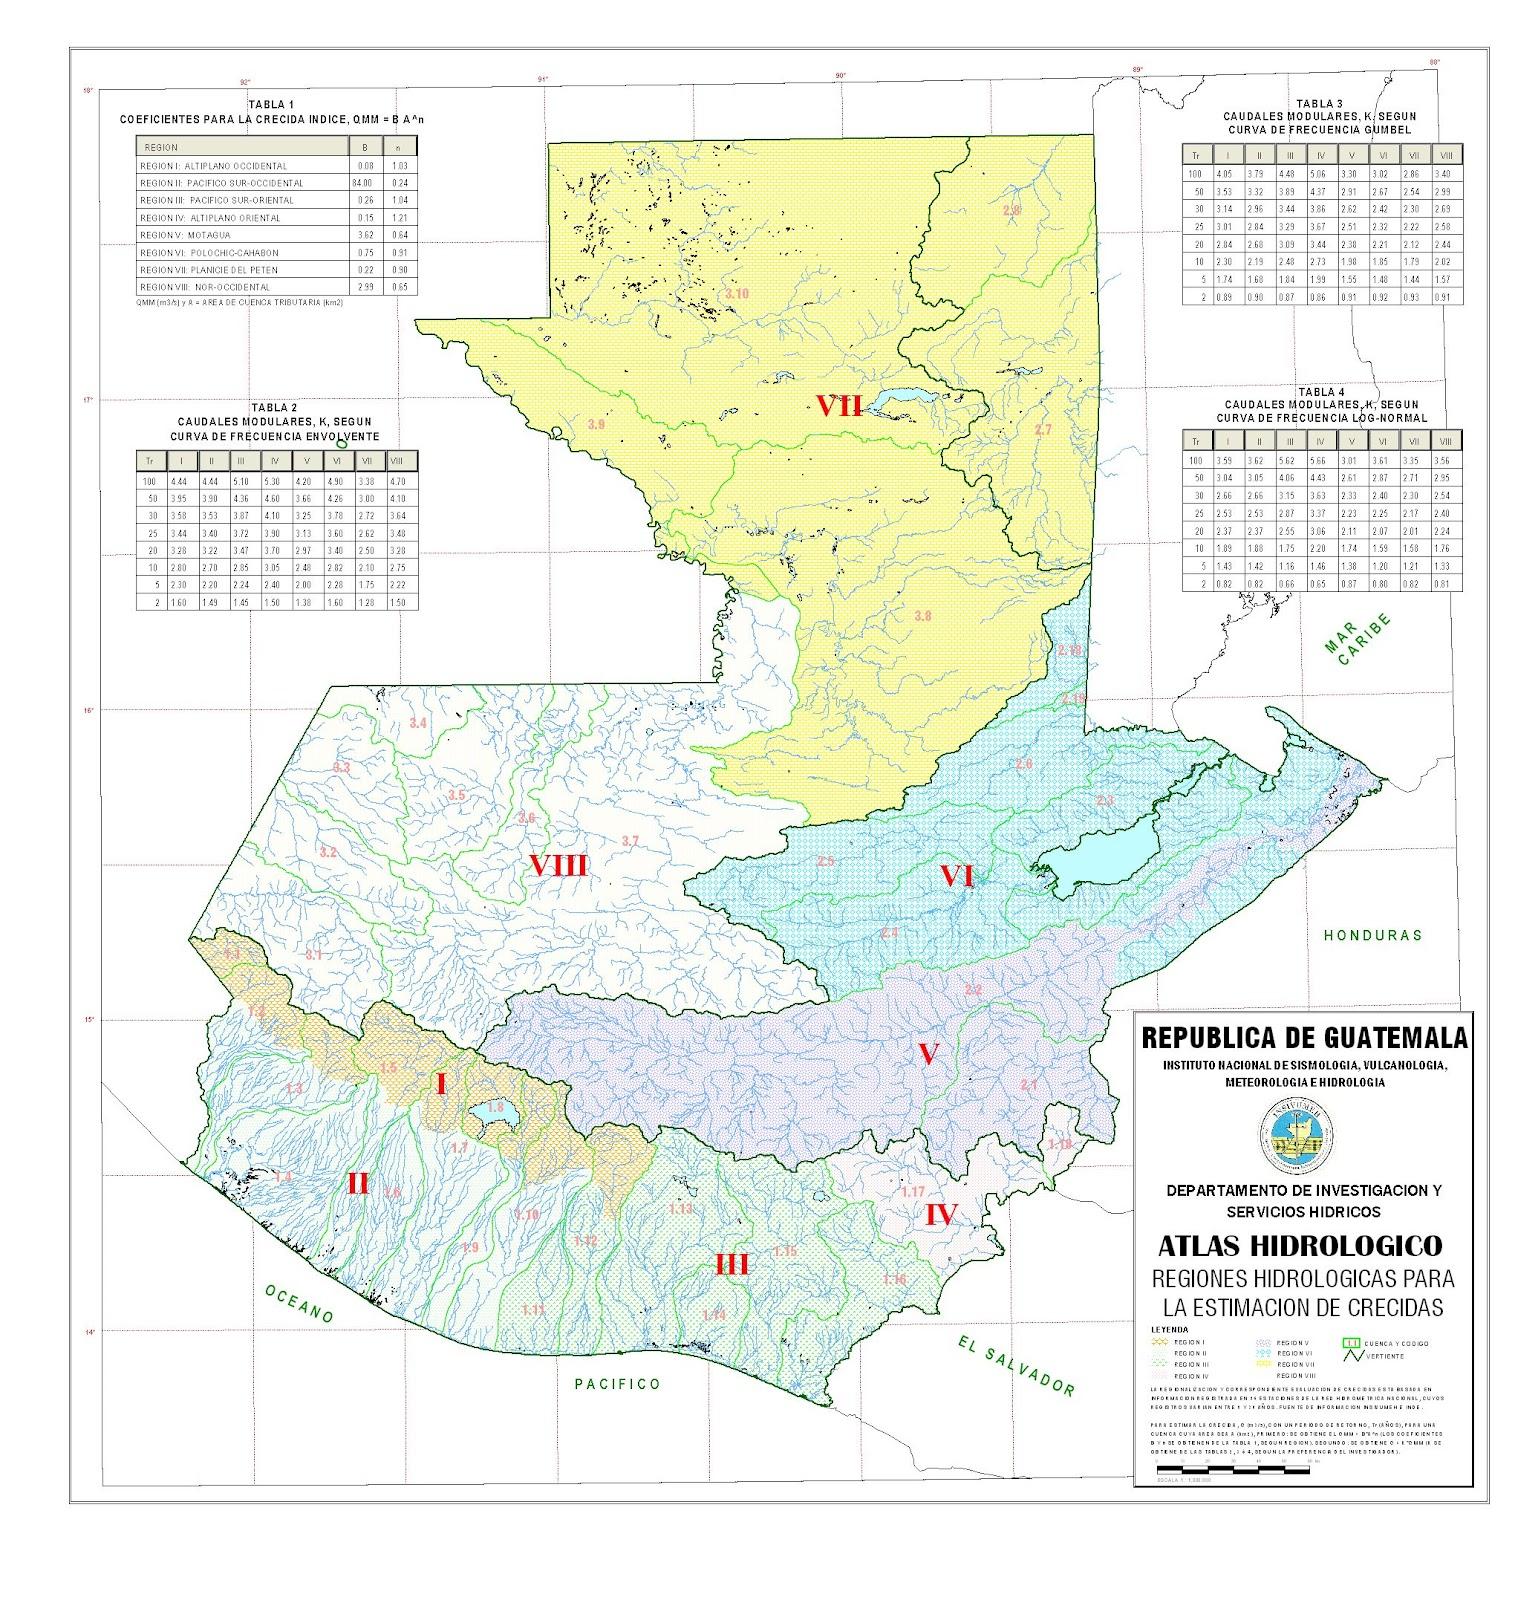 Texto paralelo del Estado de Guatemala: Geografía humana